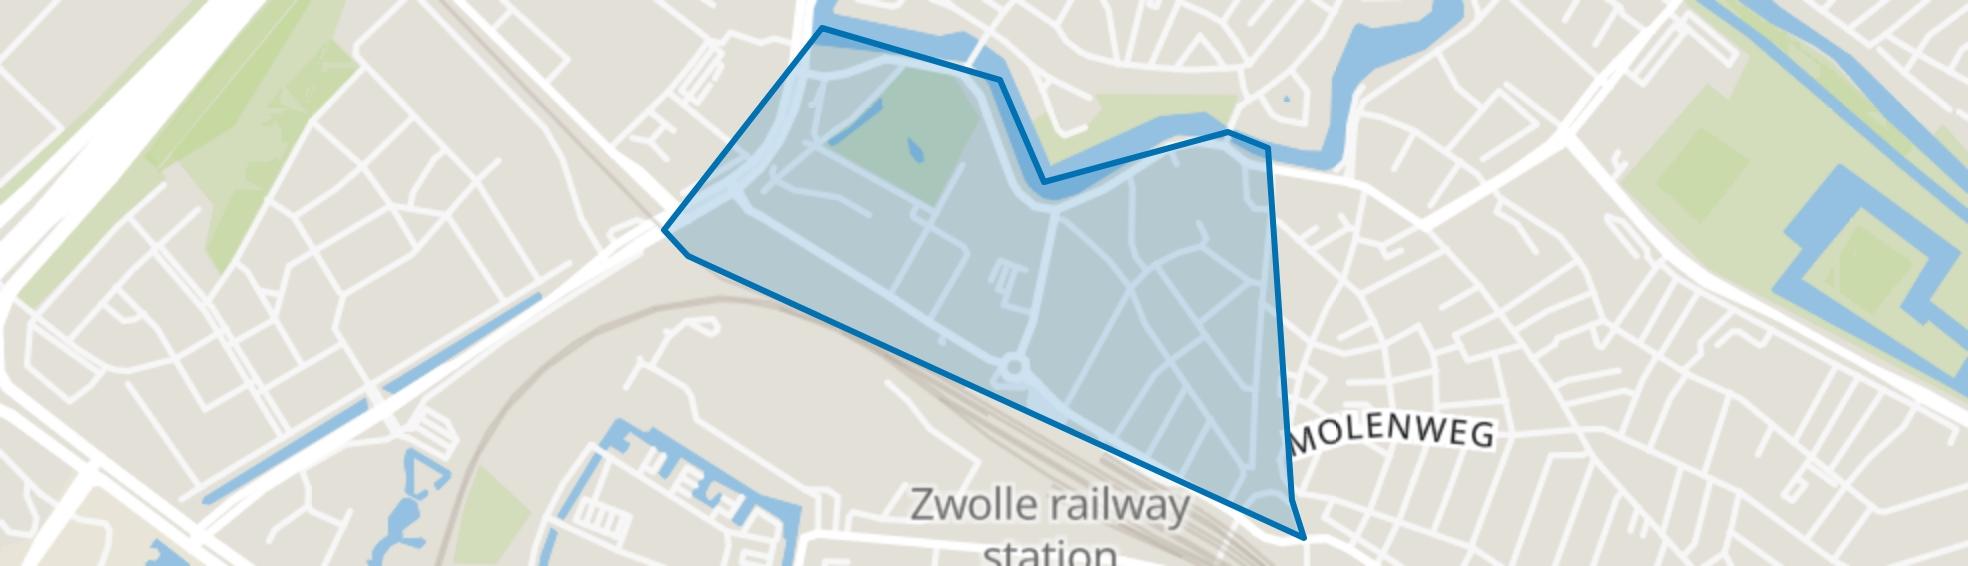 Stationsbuurt, Zwolle map